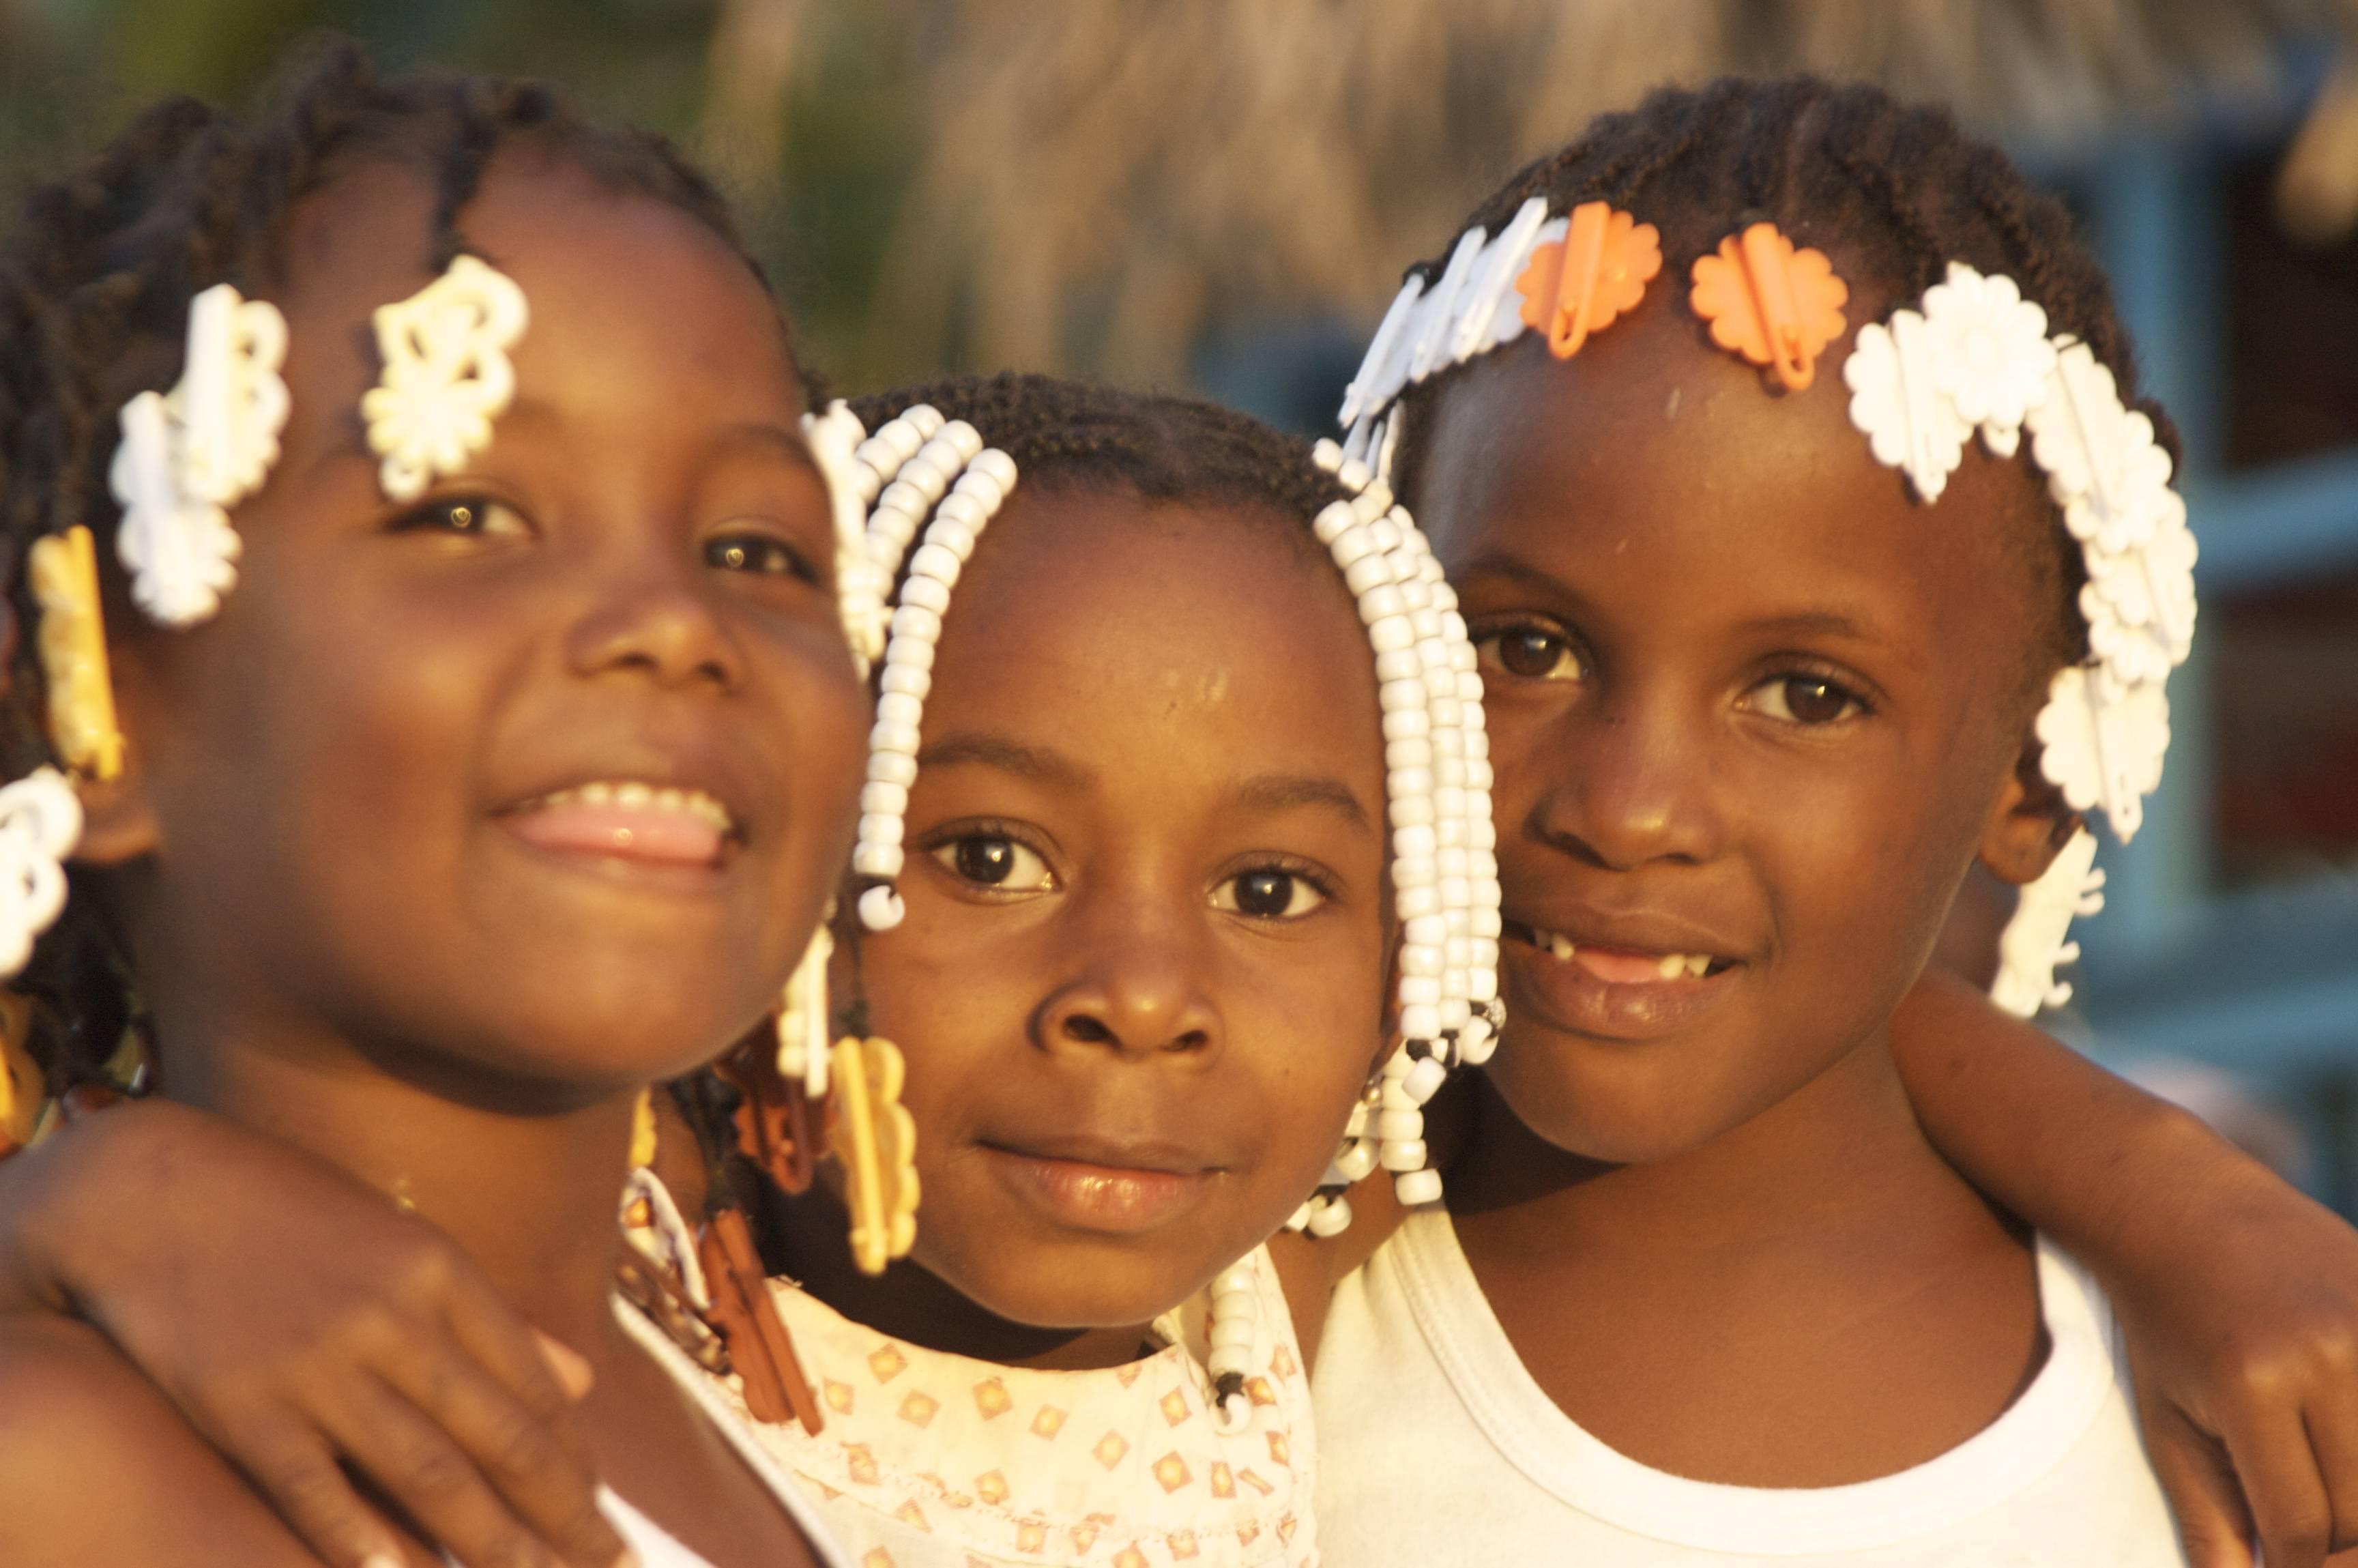 Afrodescendentes: grito unânime contra a exclusão